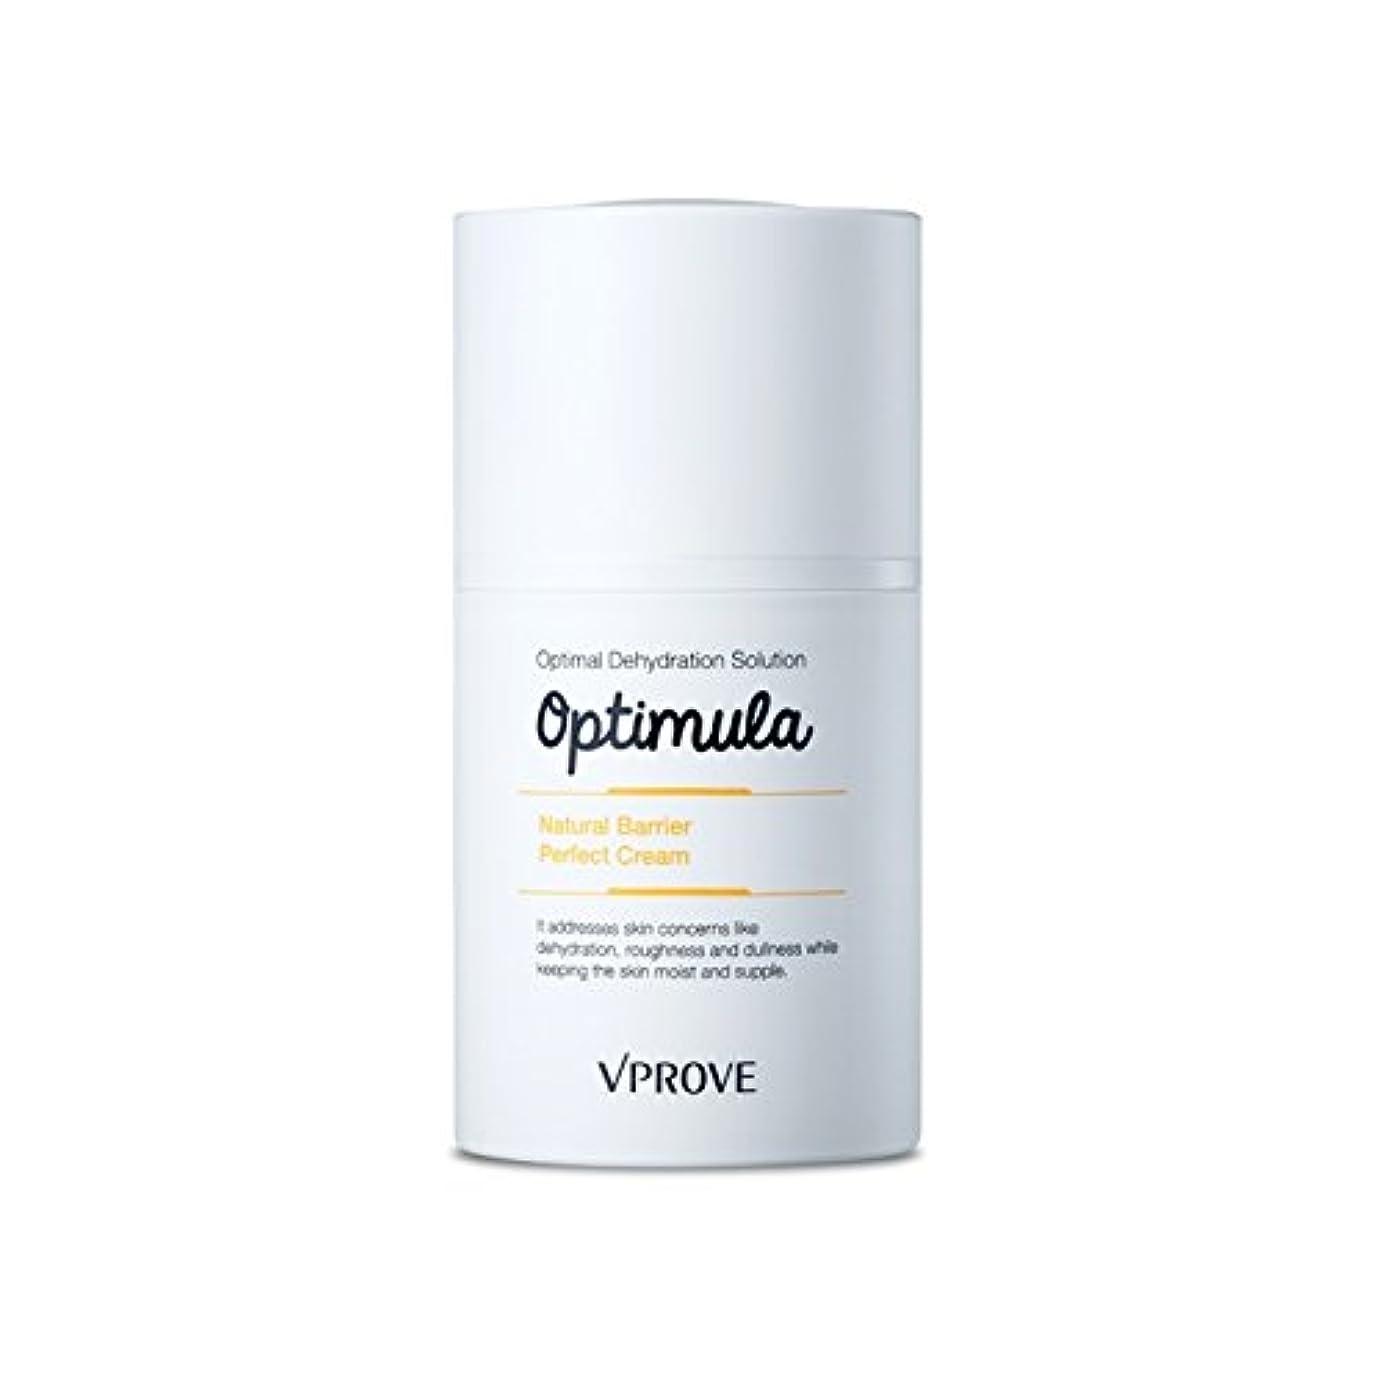 壮大なクラッチ大陸VPROVE オプチミュラ ナチュラル バリア パーフェクト クリーム/Optimula Natural Barrier Perfect Cream(50ml) [並行輸入品]